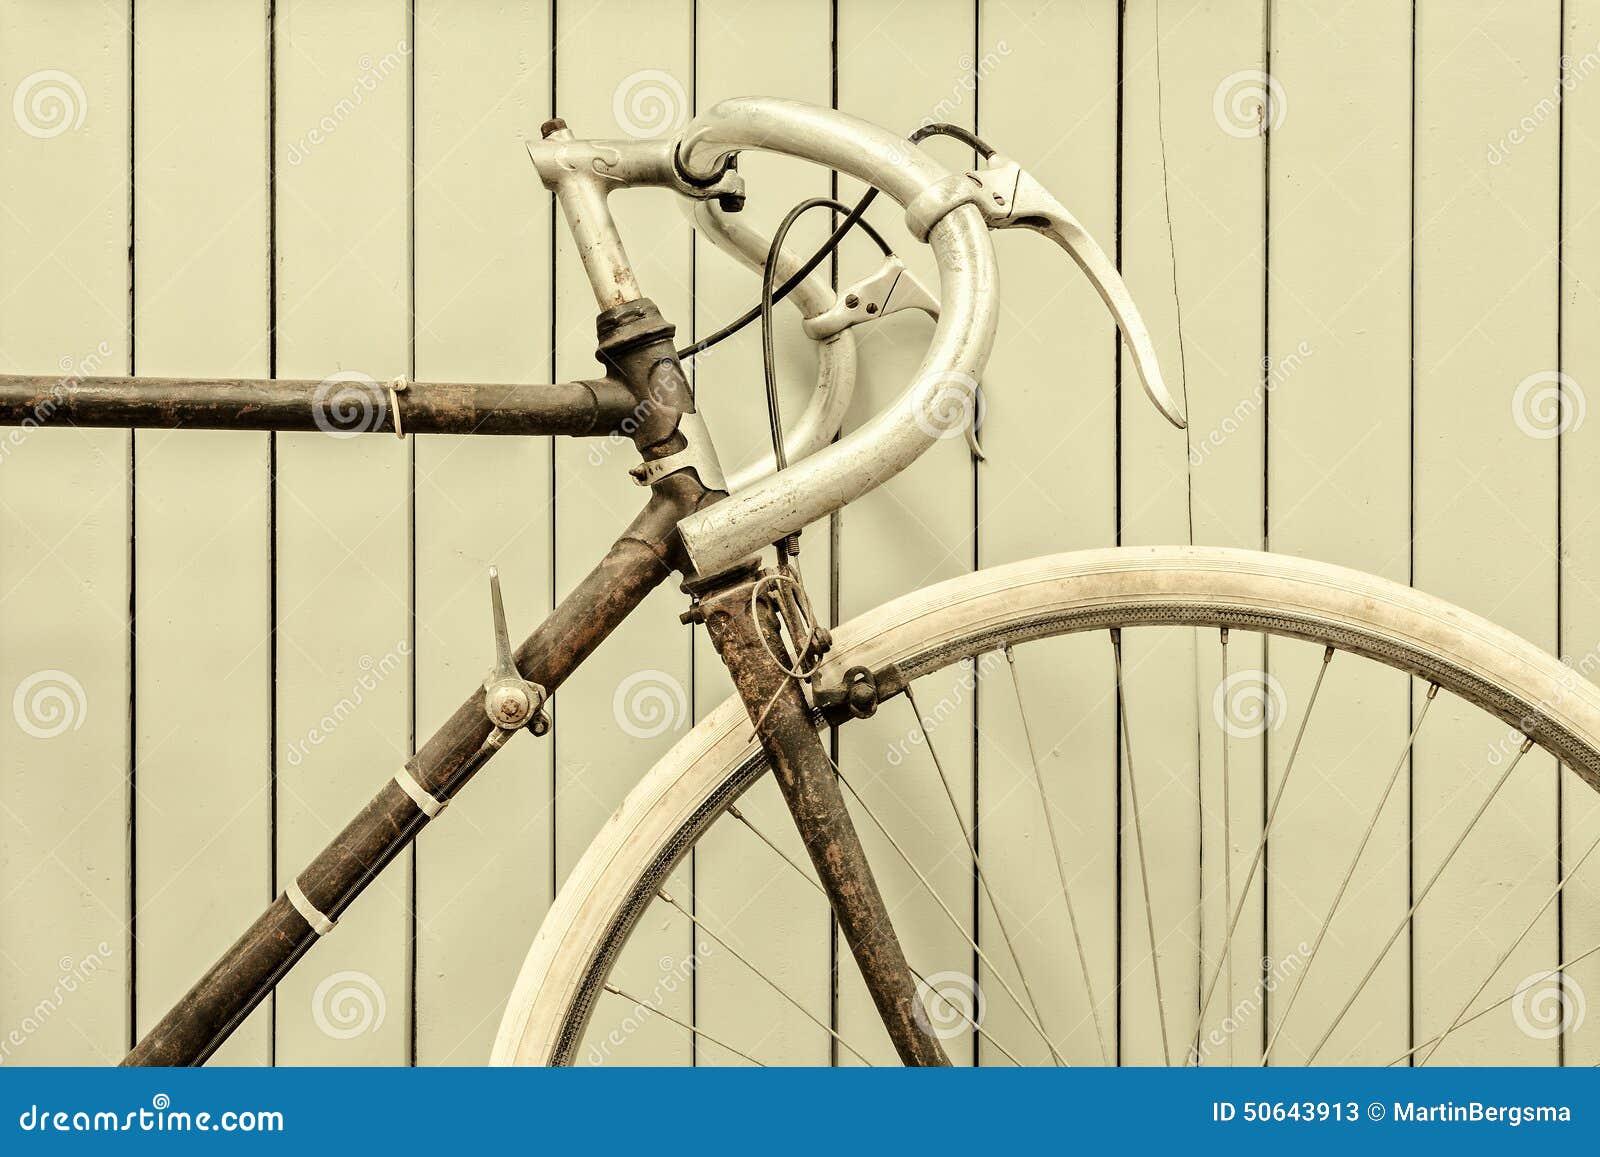 Retro immagine disegnata di una bicicletta di corsa